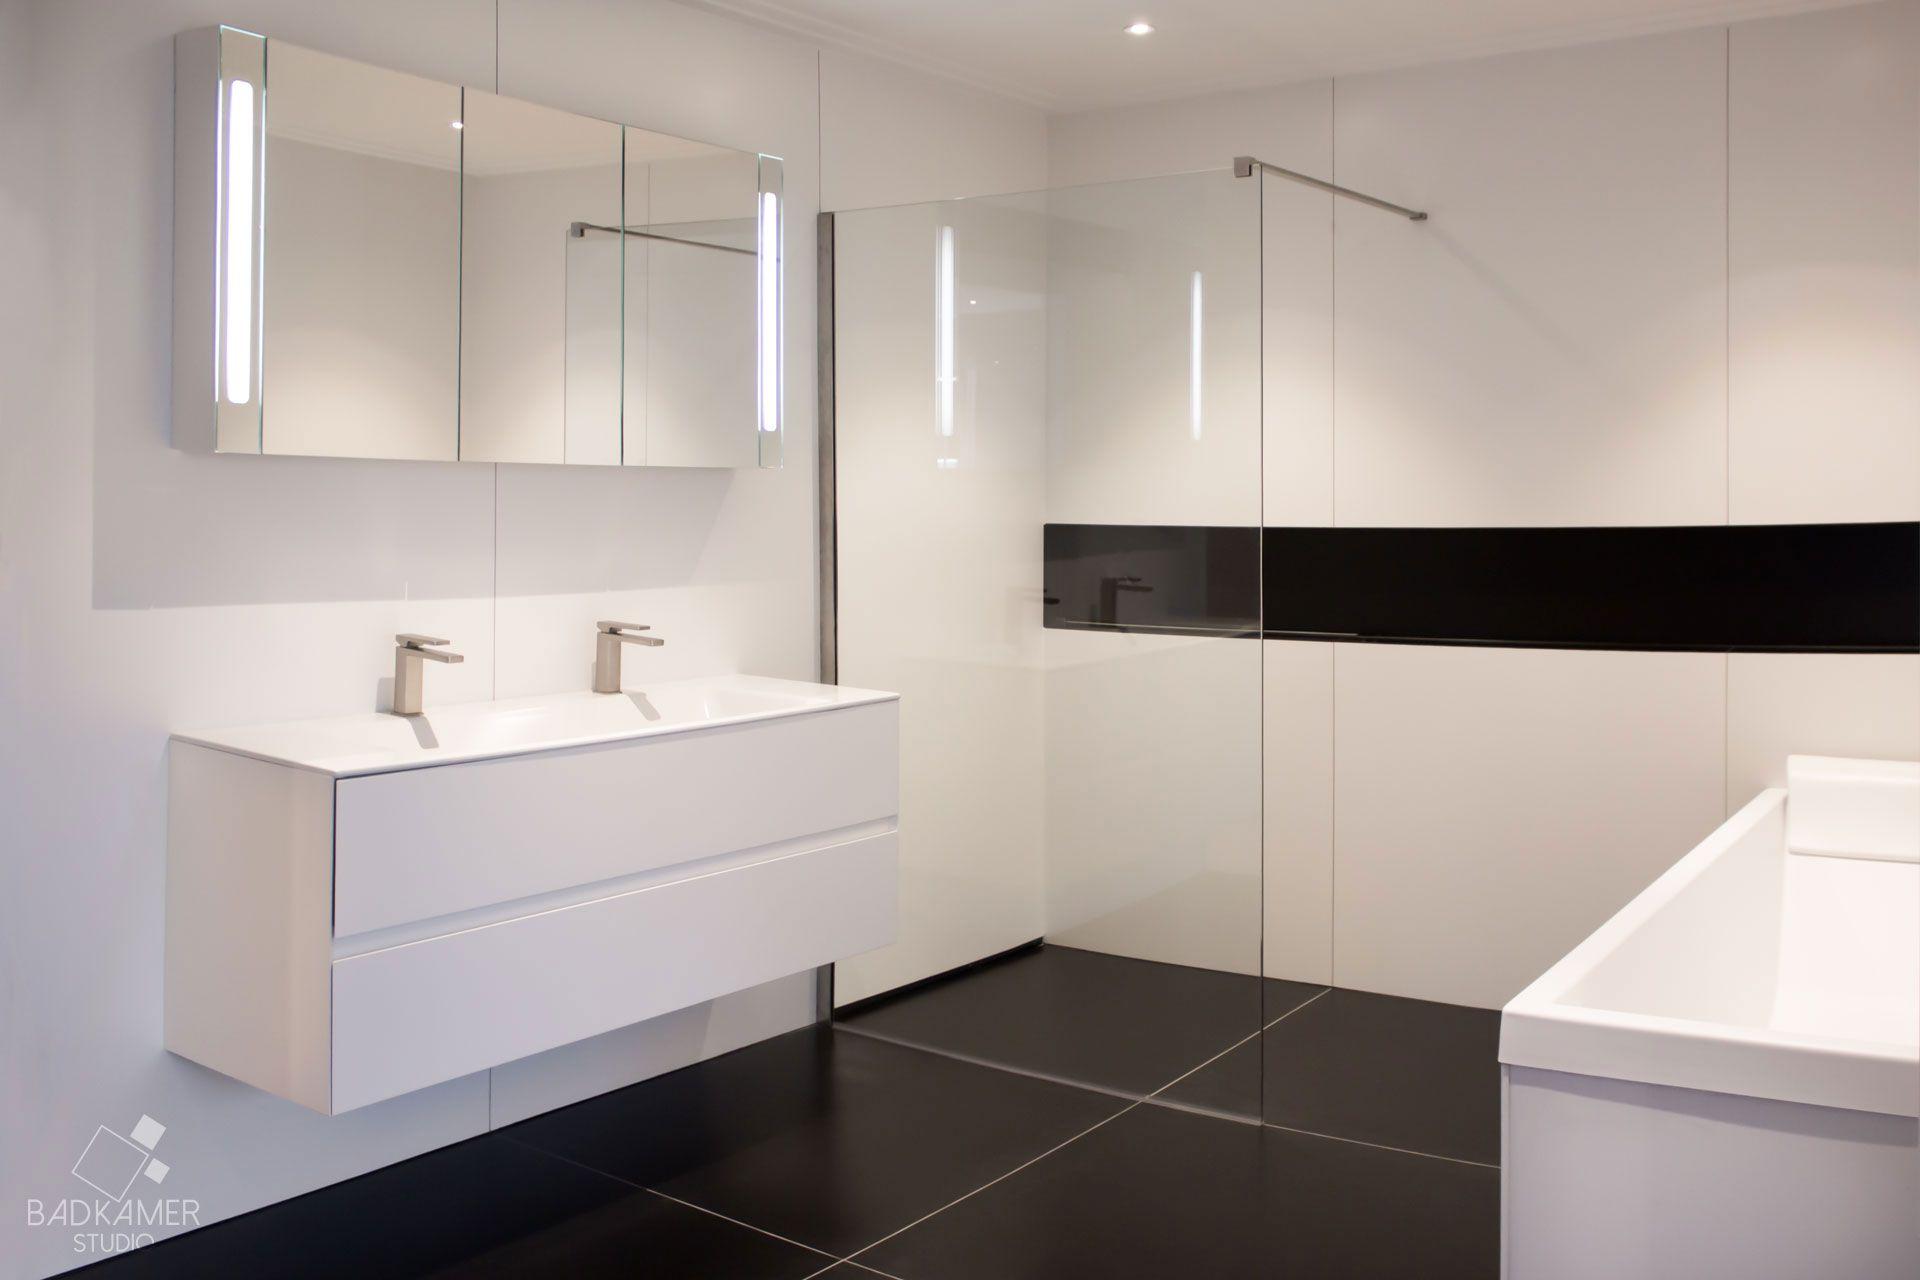 Kleine Badkamer Inrichten : Badkamer inrichten tips een paar slimme ontwerpen voor de kleine